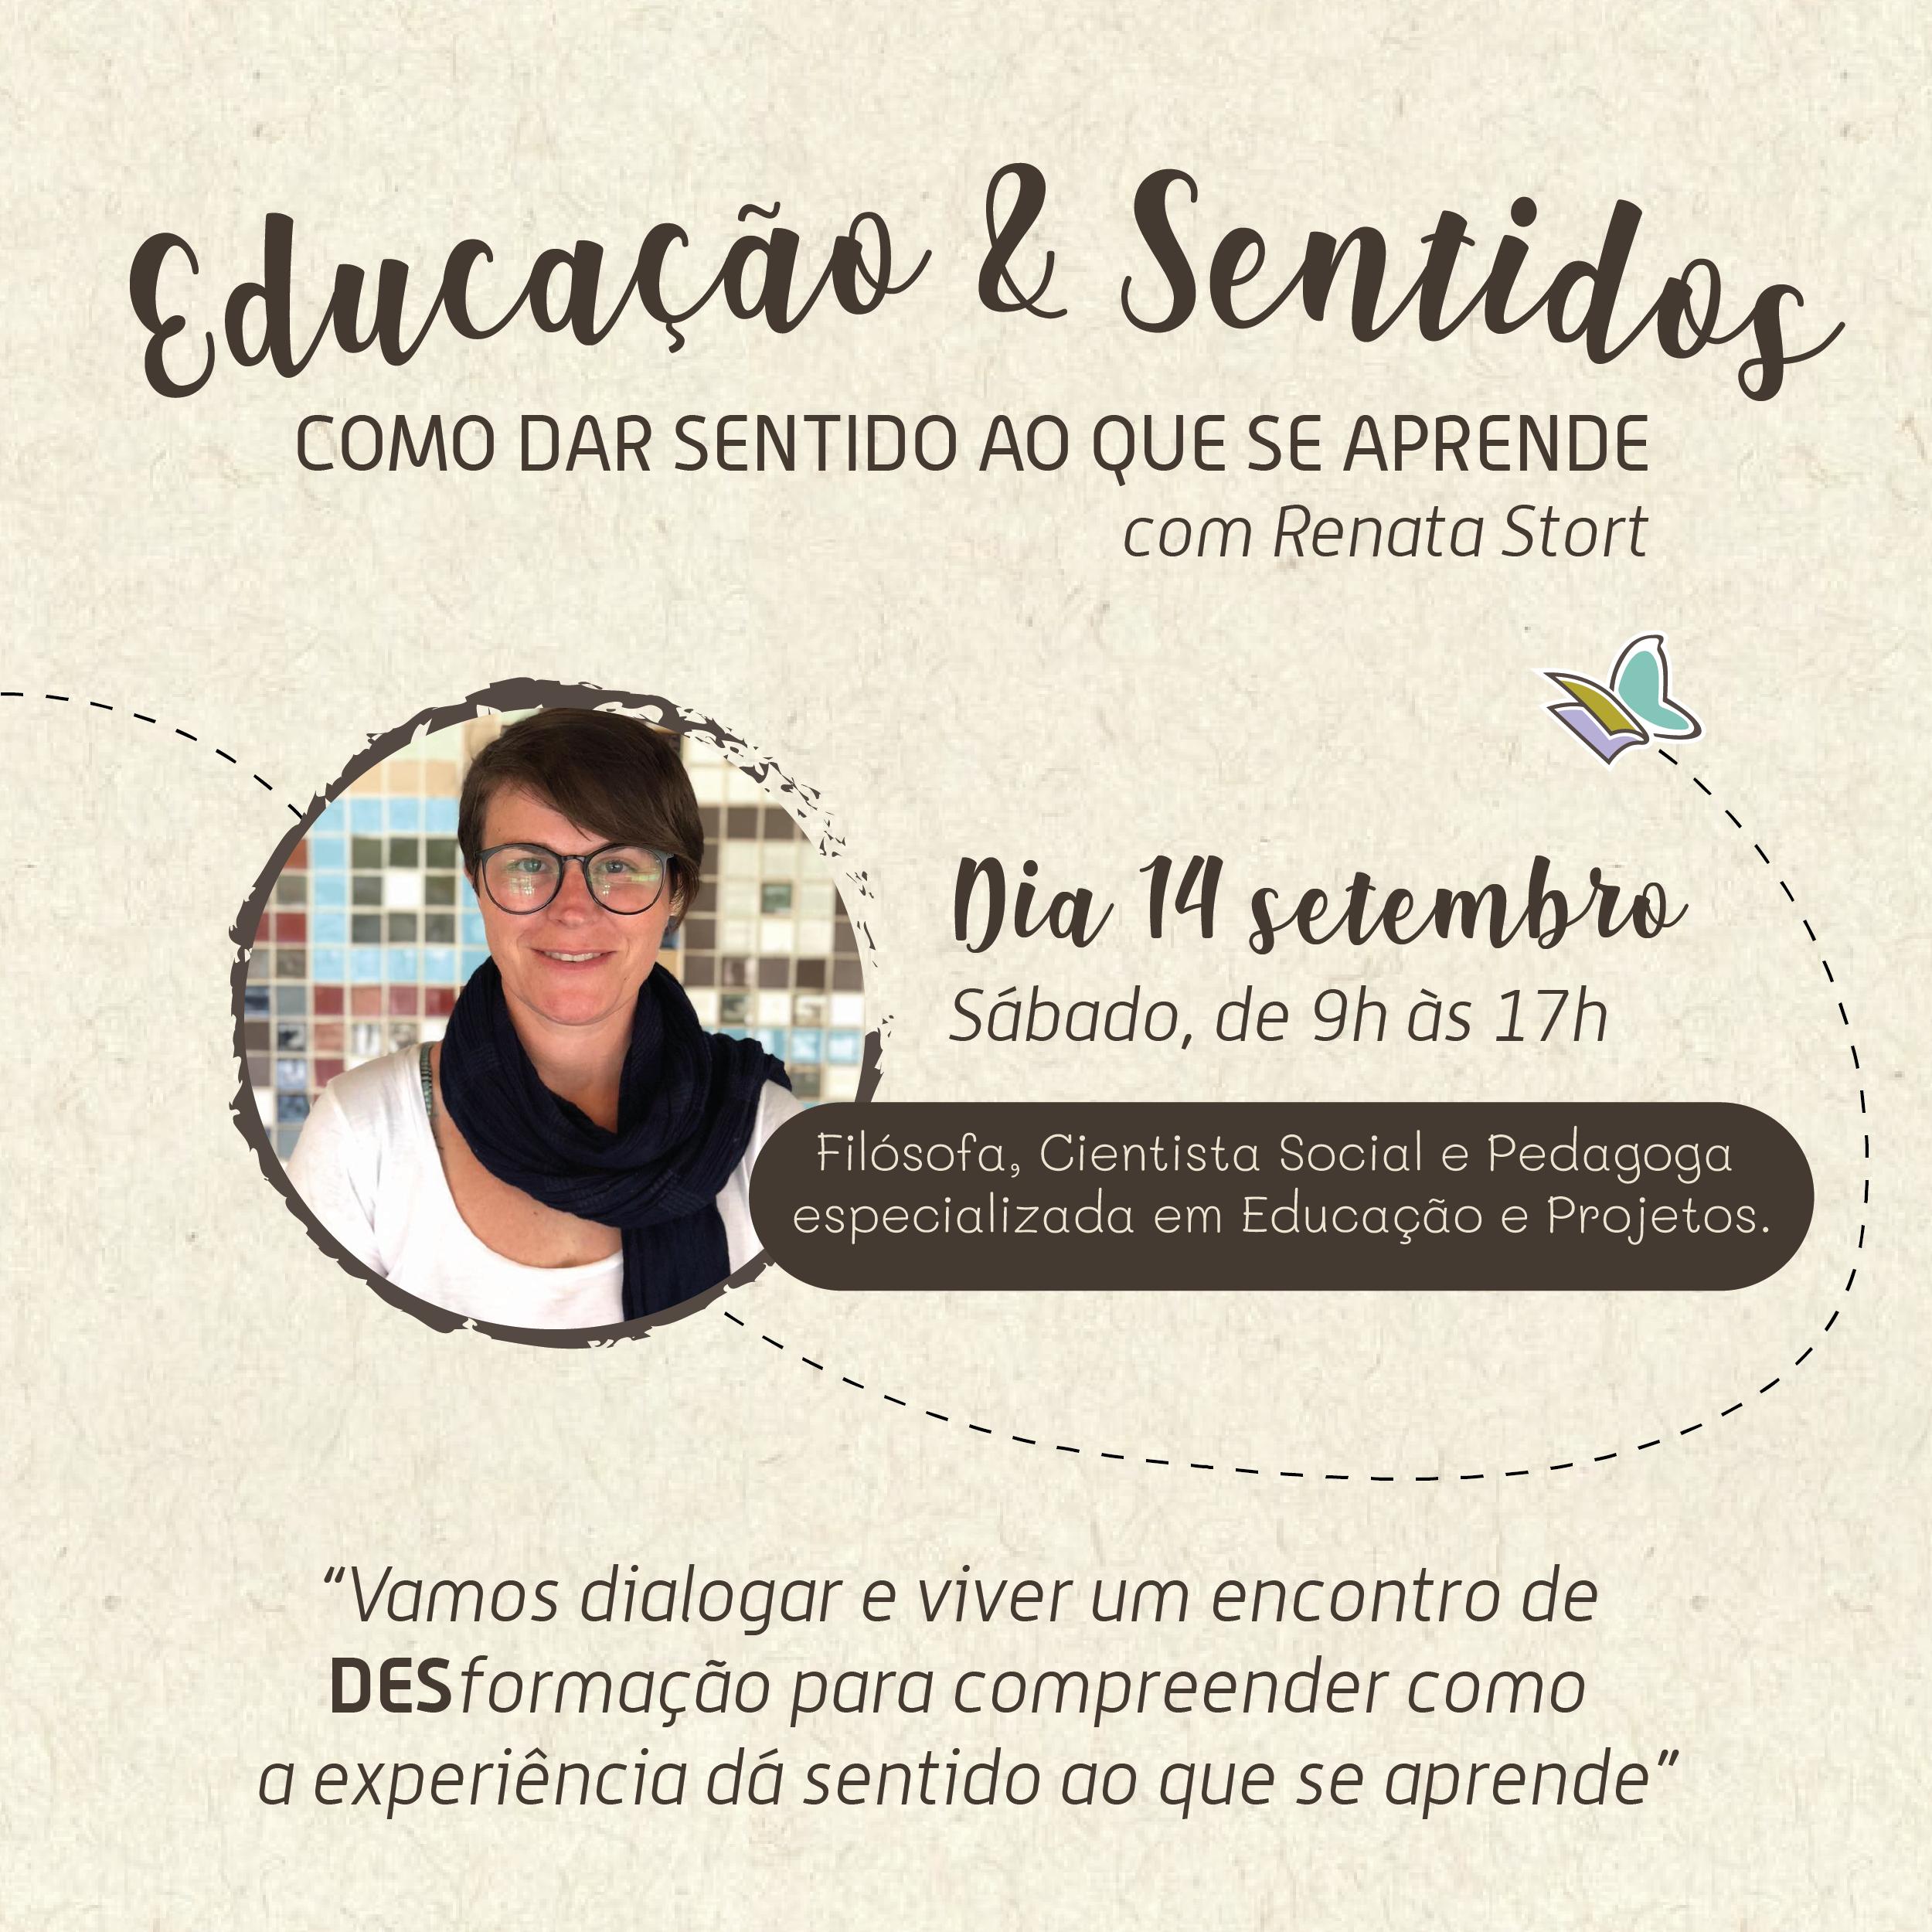 Educação & Sentidos - Como dar sentido ao que se aprende